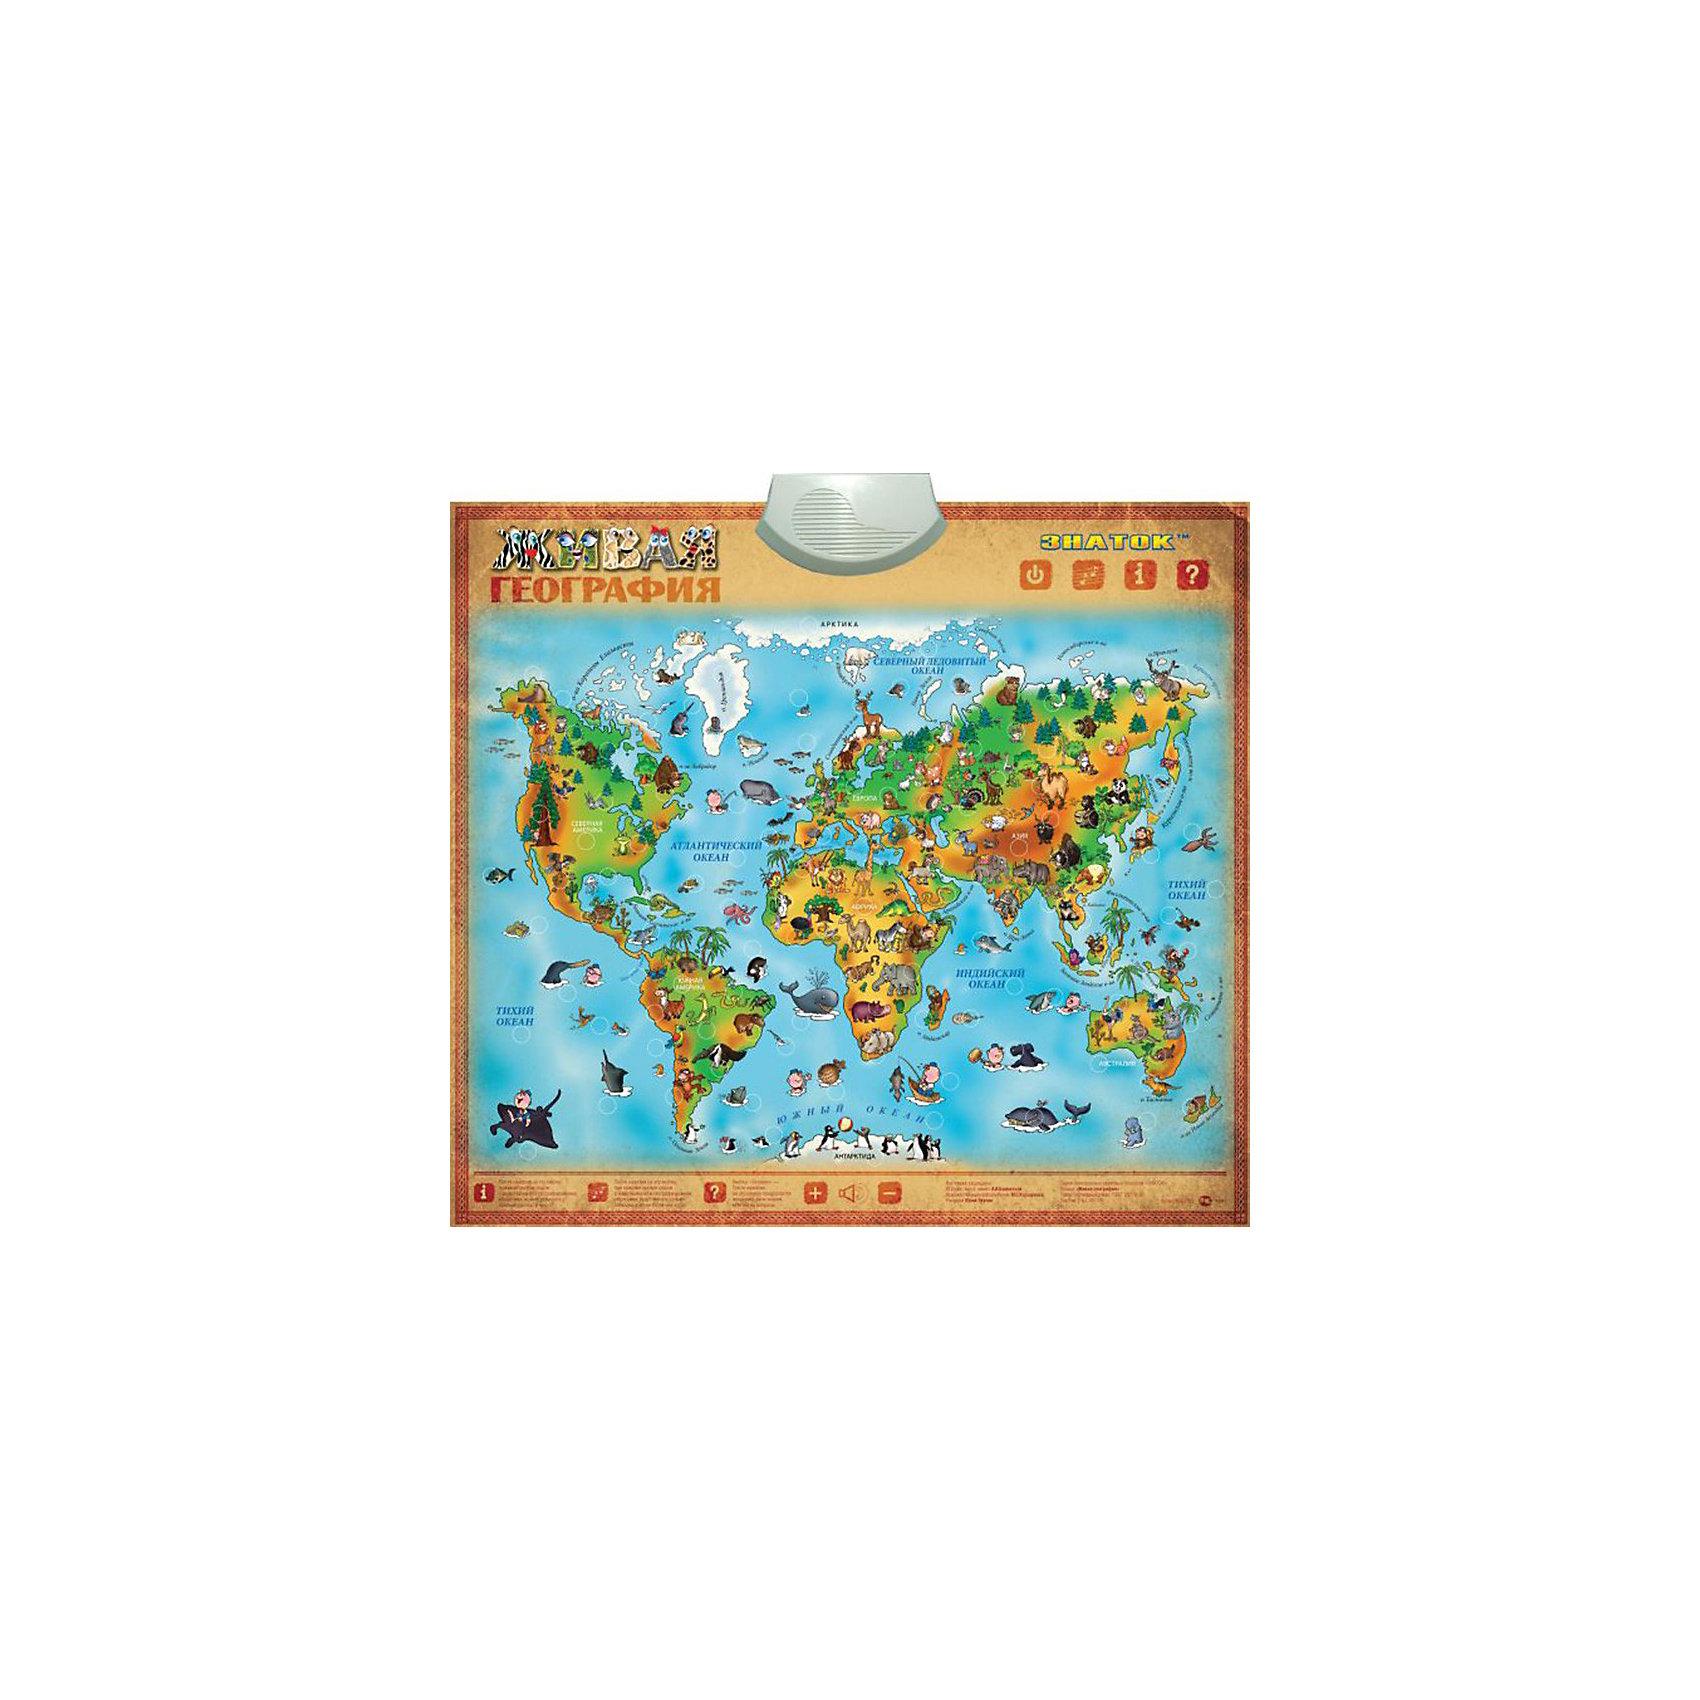 Электронный звуковой плакат Живая ГеографияОбучающие плакаты и планшеты<br>Электронный звуковой плакат Живая География, Знаток<br><br>Характеристики:<br><br>• познакомит ребенка с картой мира и животными<br>• 3 режима игры: звуки, пояснение, экзамен<br>• сенсорные кнопки<br>• регулируемая громкость<br>• влагозащитная поверхность<br>• материал: пластик, ПВХ<br>• размер плаката: 53х58,5 см<br>• размер упаковки: 23х60х4 см<br>• вес: 465 грамм<br>• батарейки: ААА - 3 шт.<br><br>Электронный плакат Живая география познакомит вашего малыша с картой мира и животными. Яркие и четкие рисунки понятны каждому ребенку. Игра может проходить в трех режимах. Ребенок узнает названия и звуки, прослушает рассказ о географических объектах и животных, а затем проверит свои знания с помощью экзамена. Кнопки плаката сенсорные, громкость регулируется. Плакат имеет поверхность, защищающую от влаги. С таким плакатом ребенок с радостью познакомится с основами географии!<br><br>Электронный звуковой плакат Живая География, Знаток вы можете купить в нашем интернет-магазине.<br><br>Ширина мм: 230<br>Глубина мм: 40<br>Высота мм: 485<br>Вес г: 500<br>Возраст от месяцев: 36<br>Возраст до месяцев: 84<br>Пол: Унисекс<br>Возраст: Детский<br>SKU: 2403206